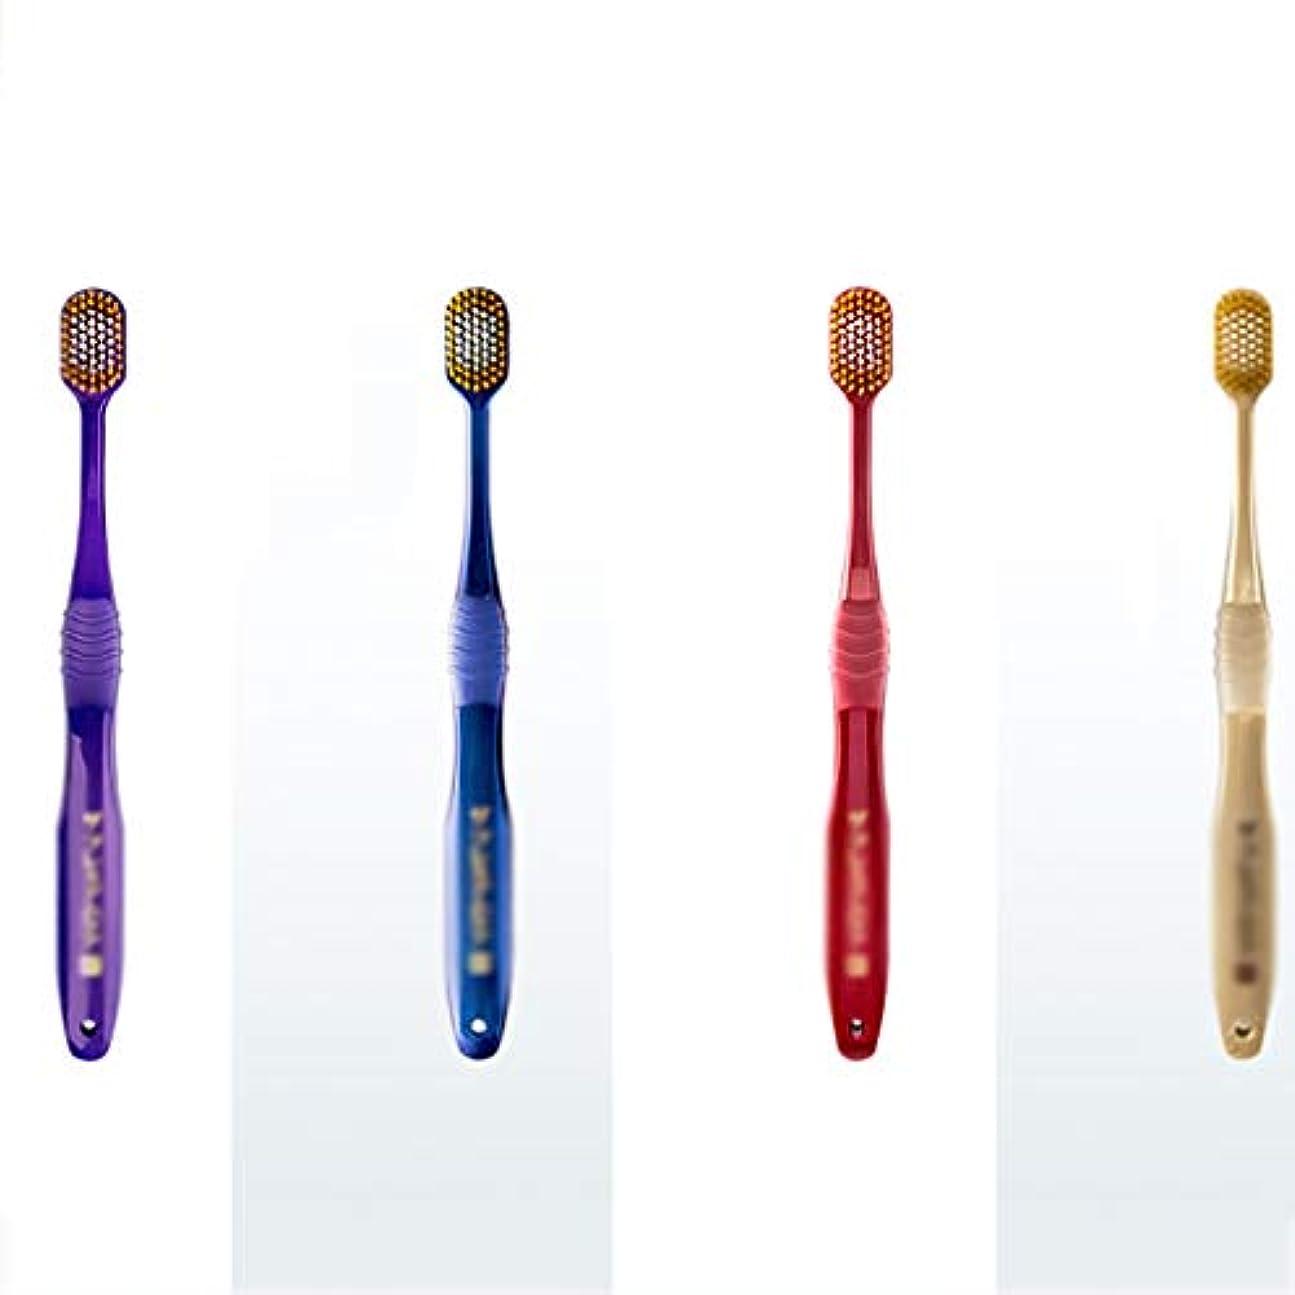 共和党アウトドアつぼみ手動歯ブラシ、65ホールの広向かったアダルトソフト毛先歯ブラシ、4パック(ランダム配信)